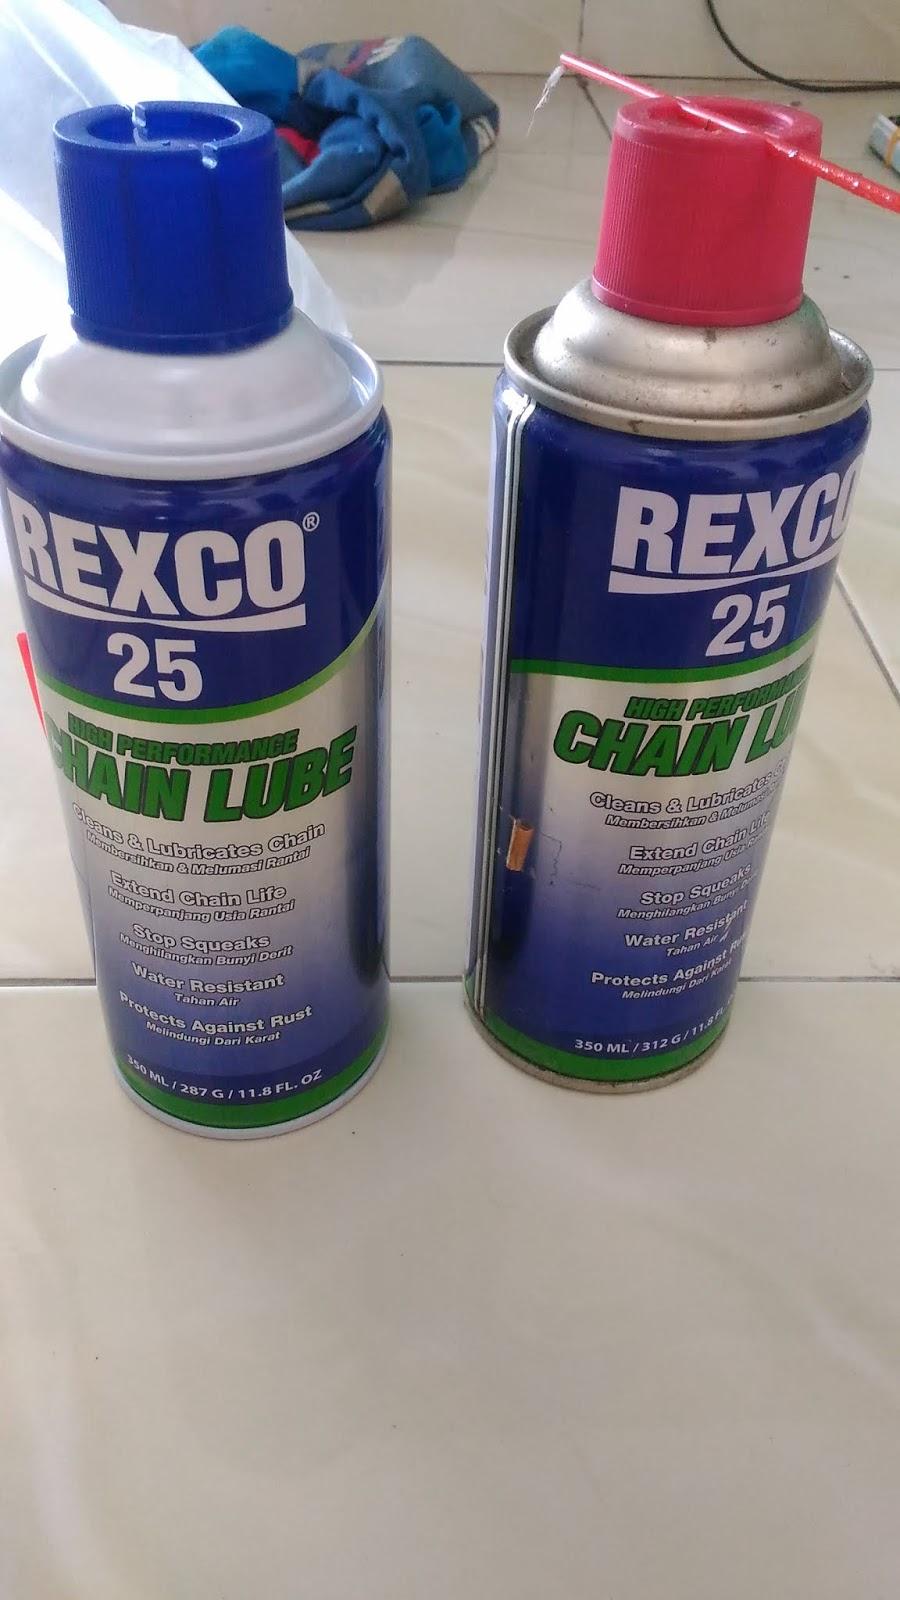 REXCO 25 ( Chain Lube ) dikomparasi merk lain, akibatnya konsisten OK punya